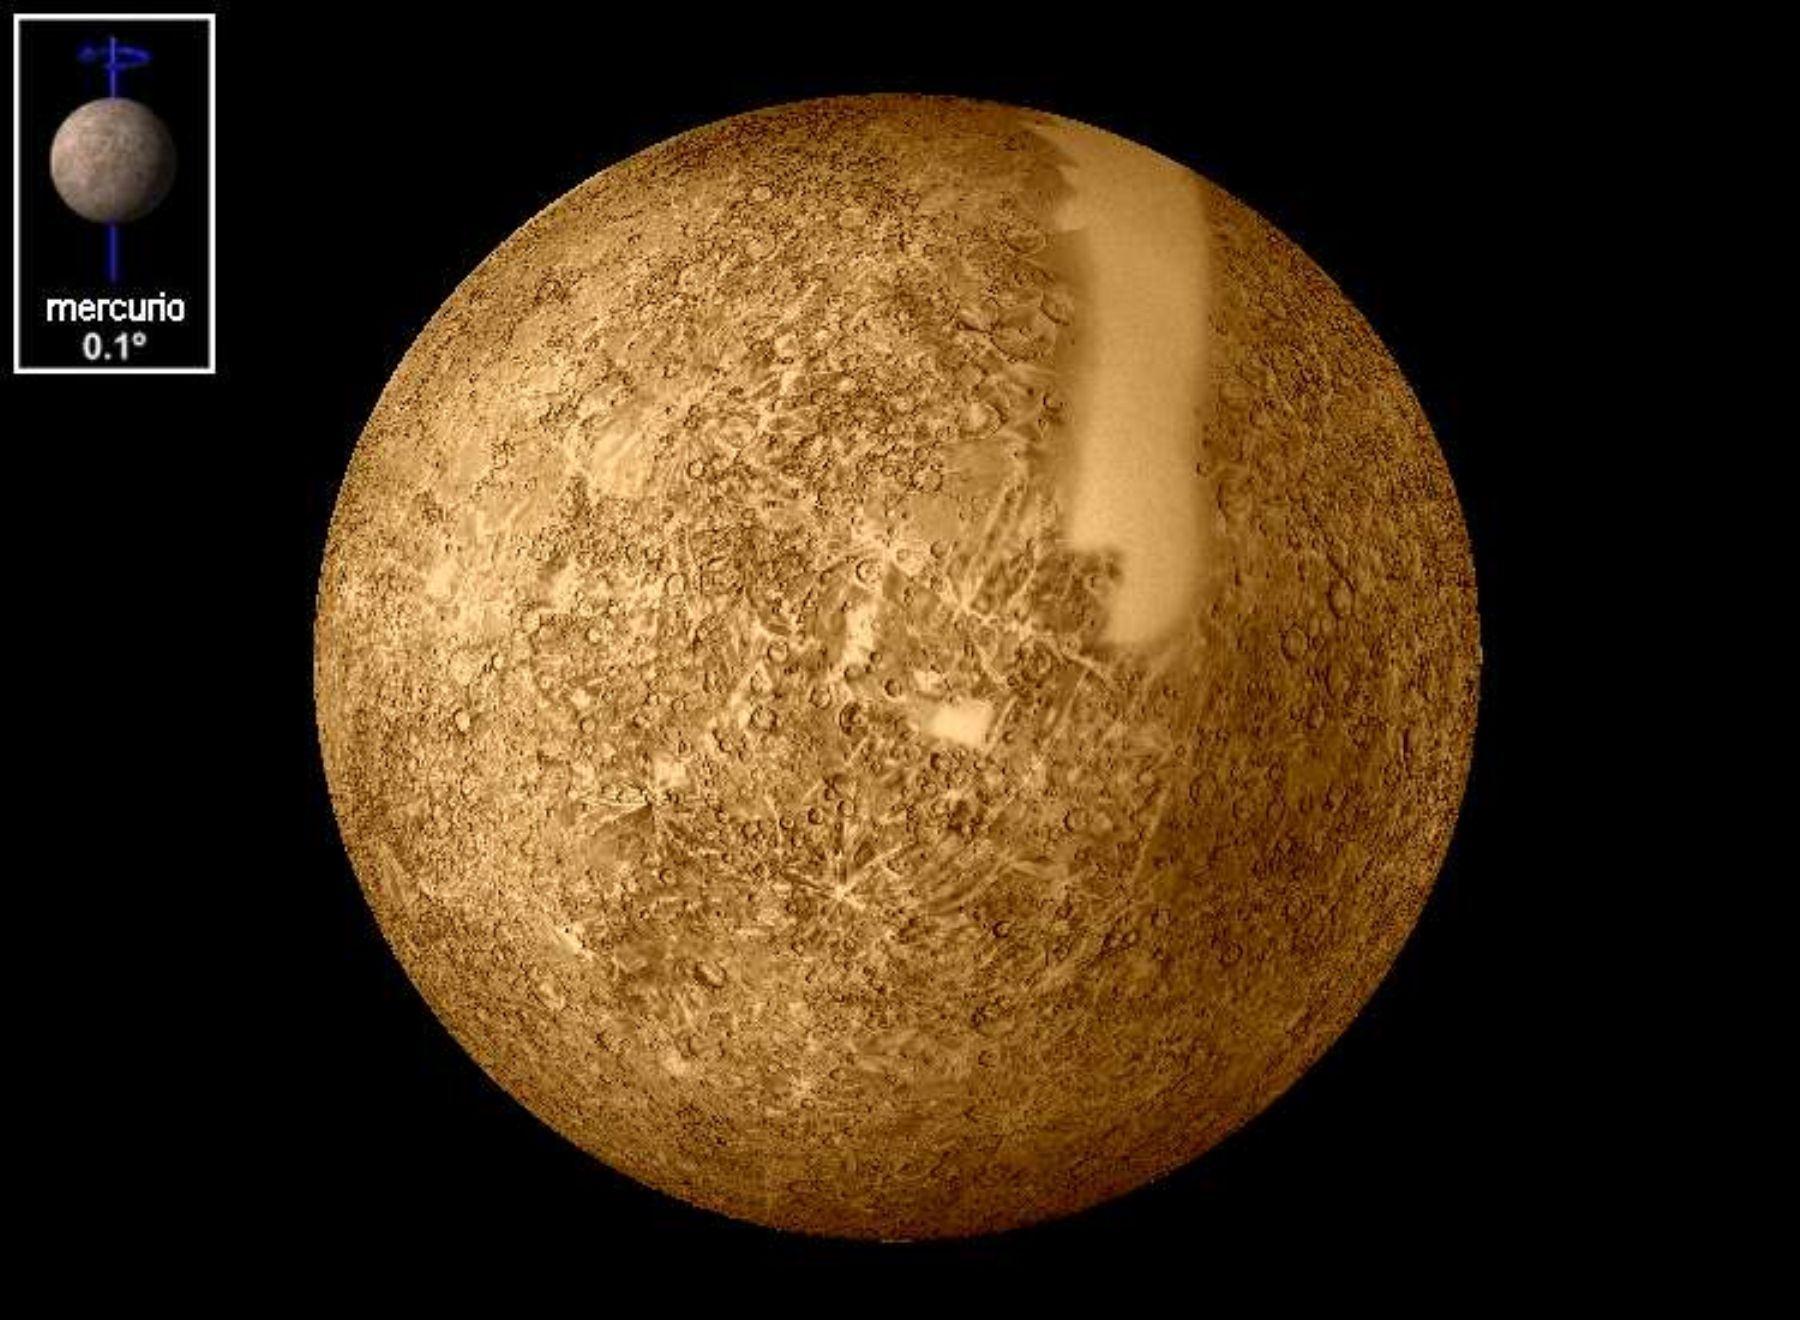 Tránsito de Mercurio se verá en vivo este lunes 11 de noviembre hasta la 1:04 de la tarde.